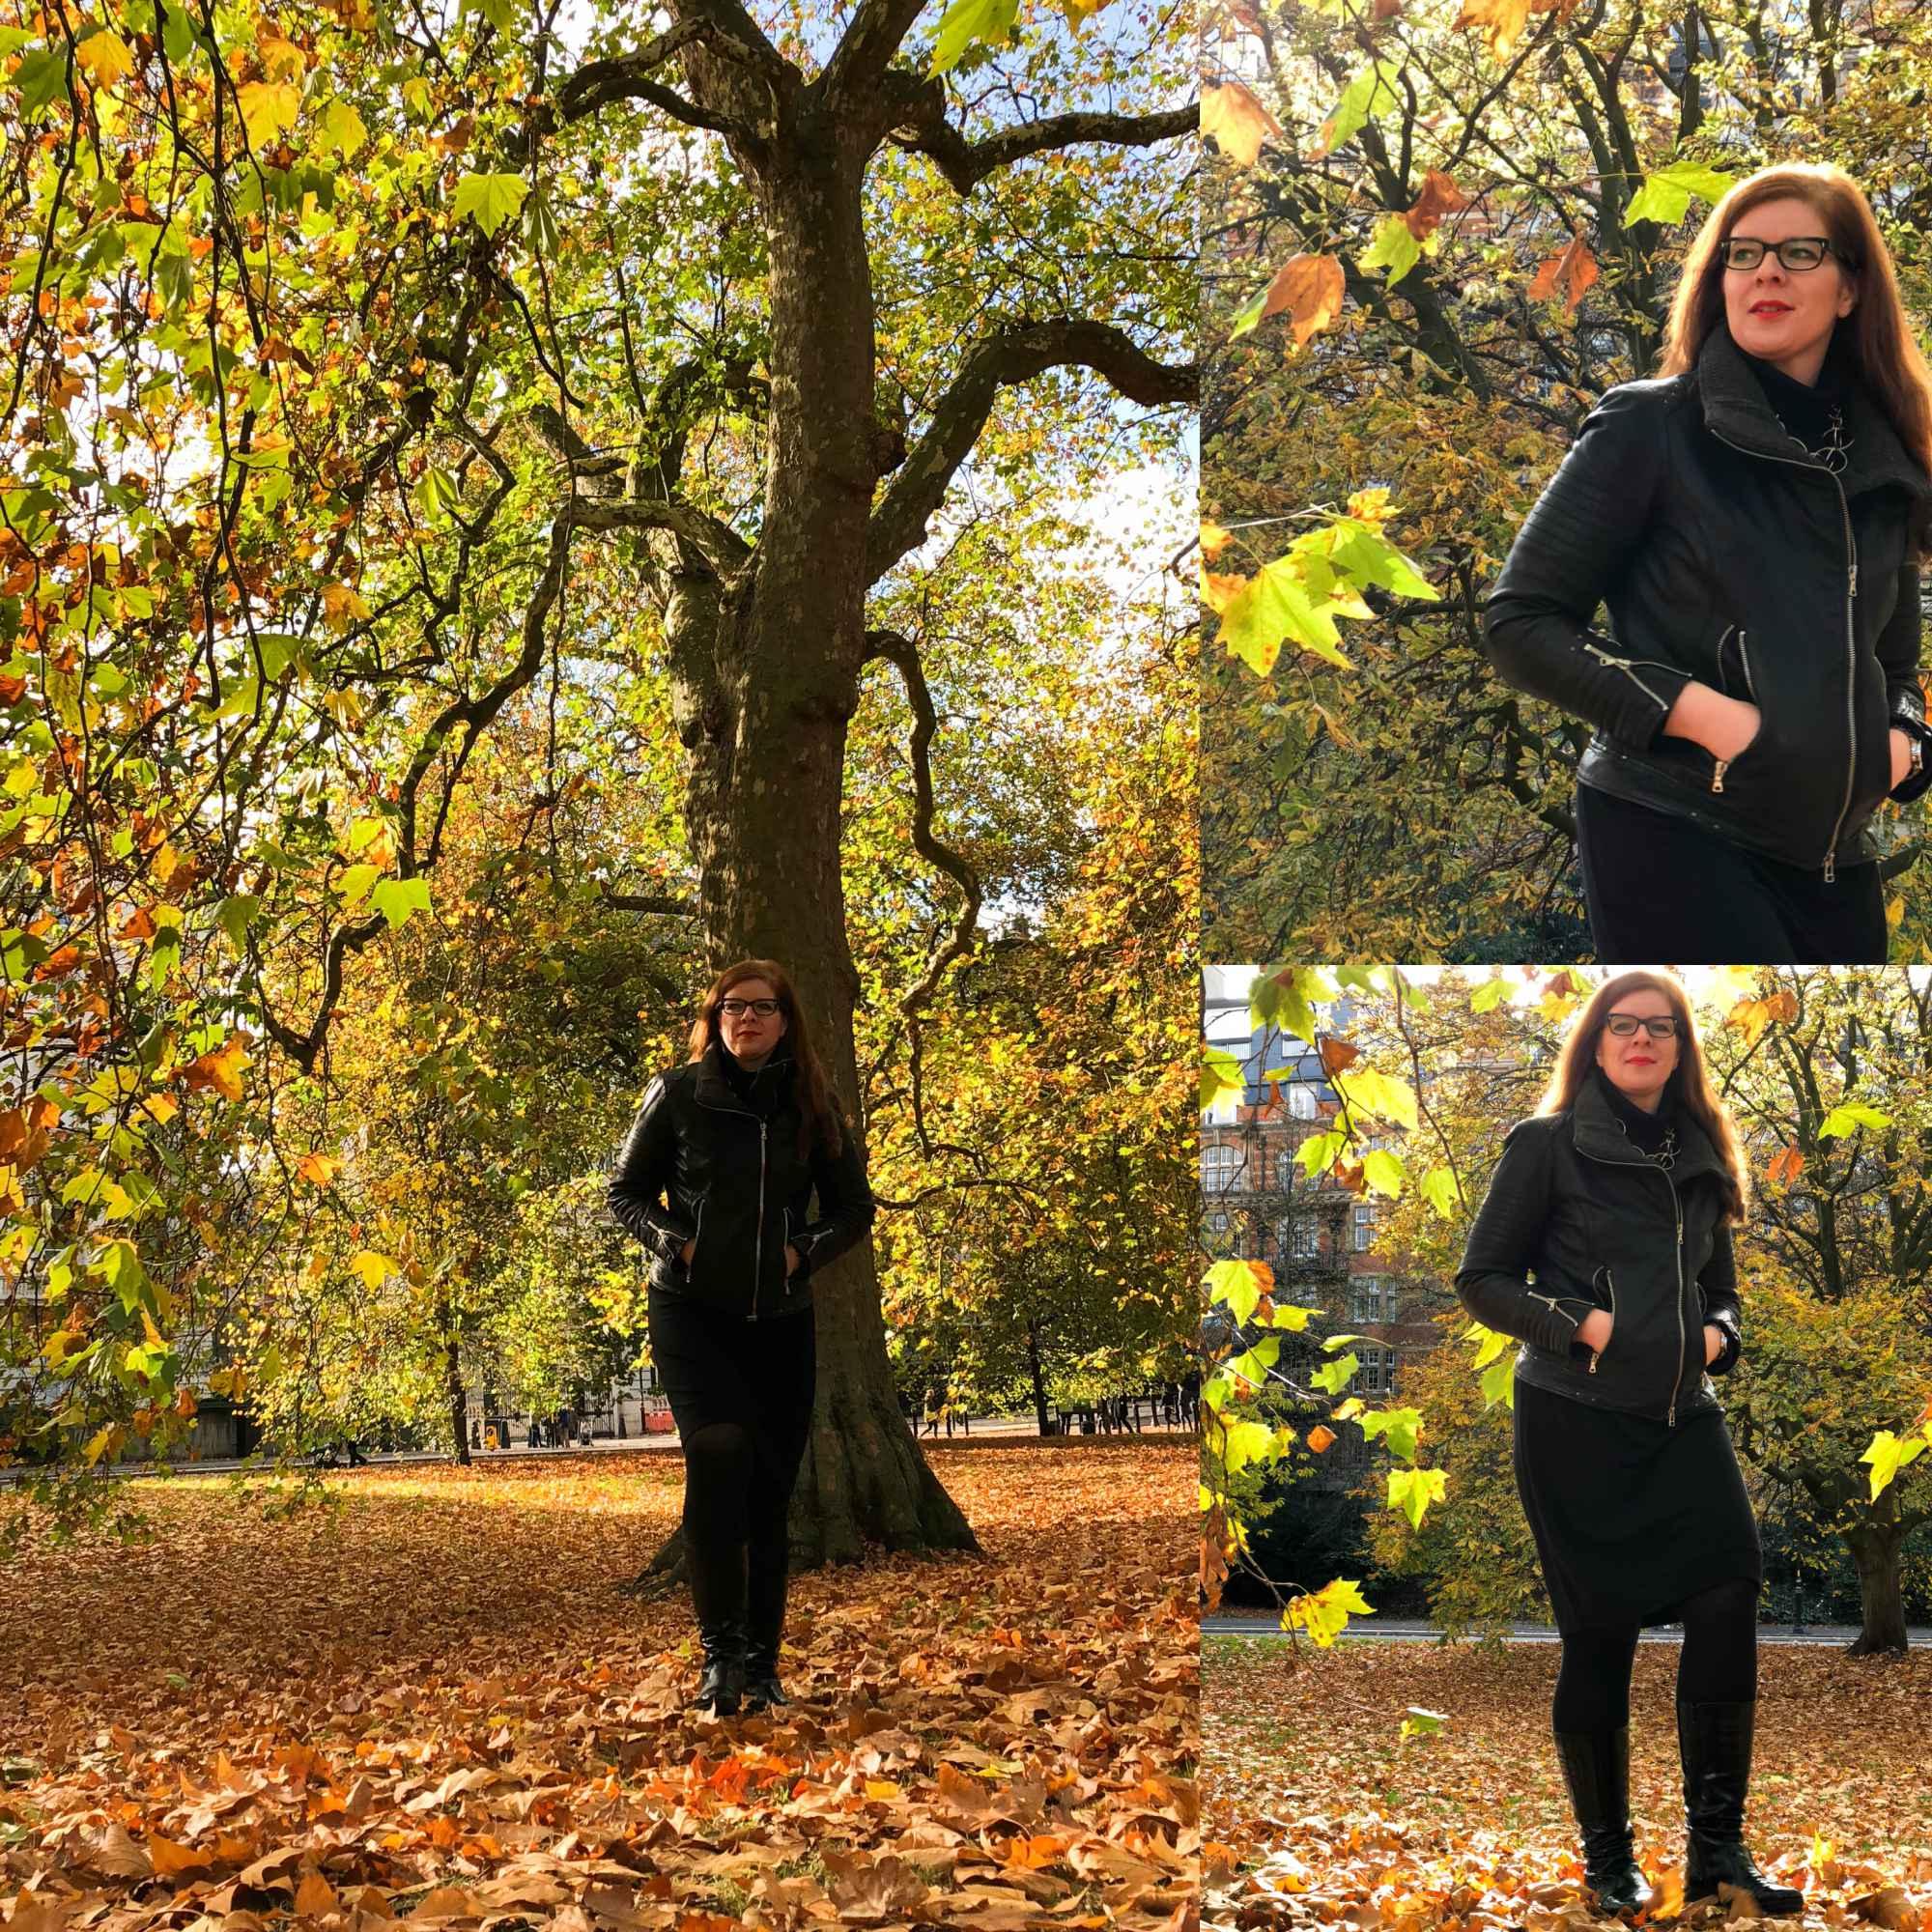 Bloggerin Tanja vom Ü40 Iknmlo Mode und Fashionblog im herbstlichen Hyde Park in London mit Lederjacke von Marc Aurel und Kleid von Jigsaw